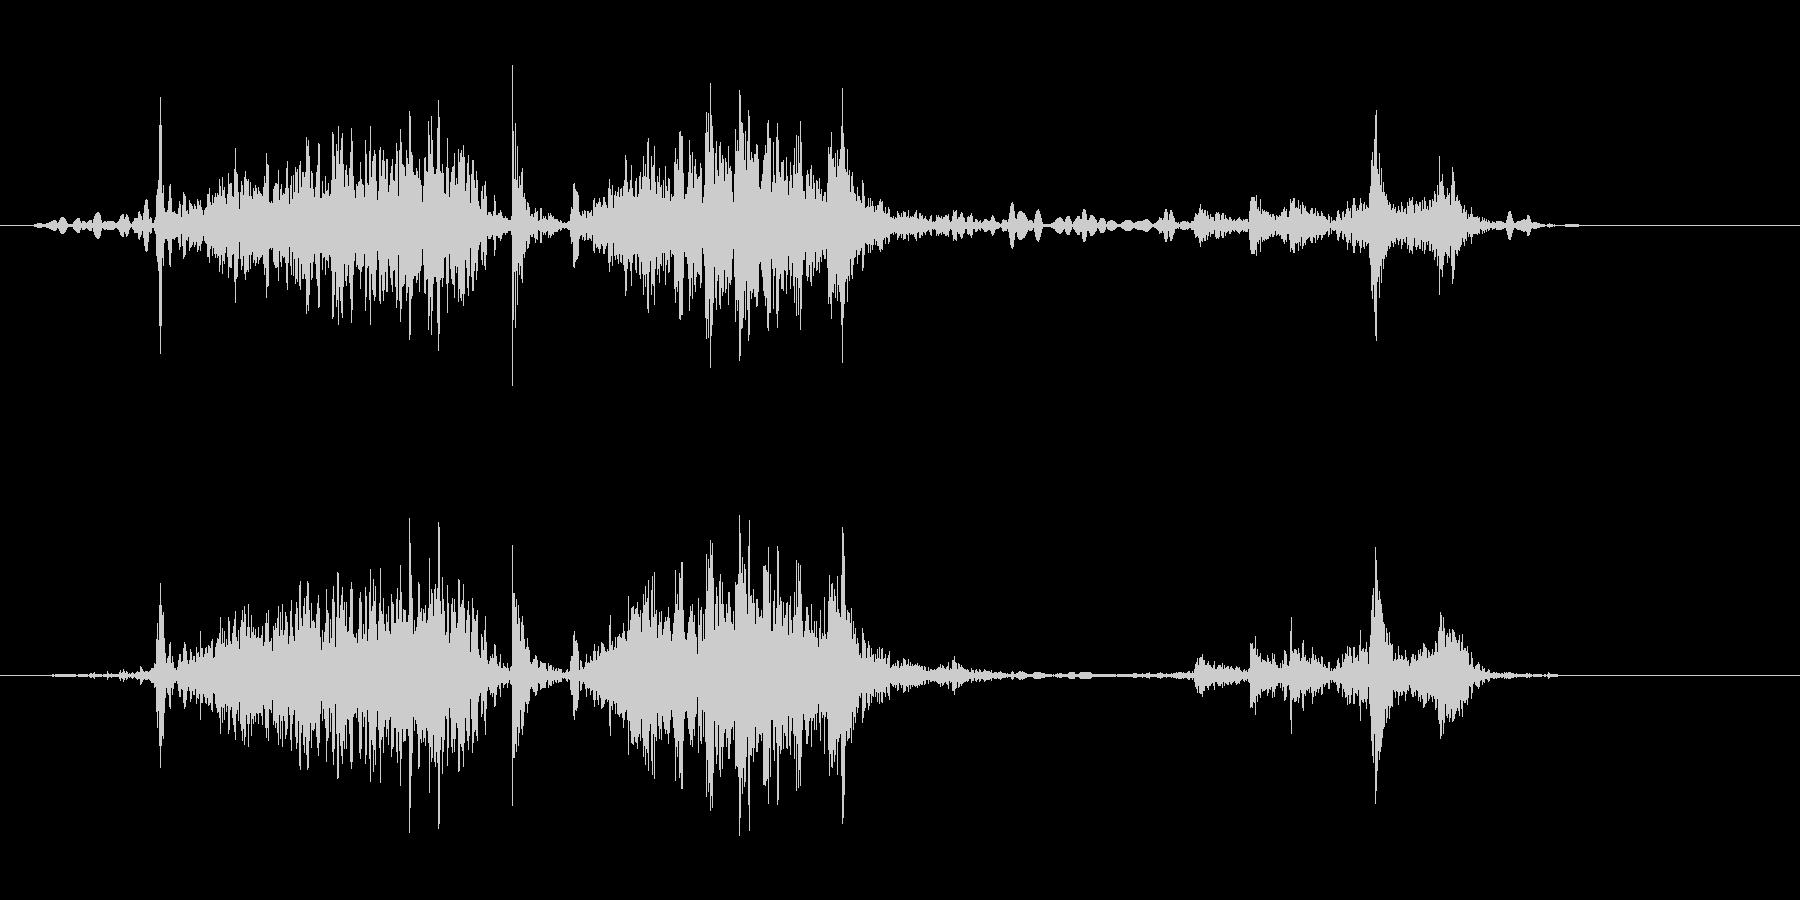 ミシンで少し縫う音(ウィーン、ガチャ)の未再生の波形